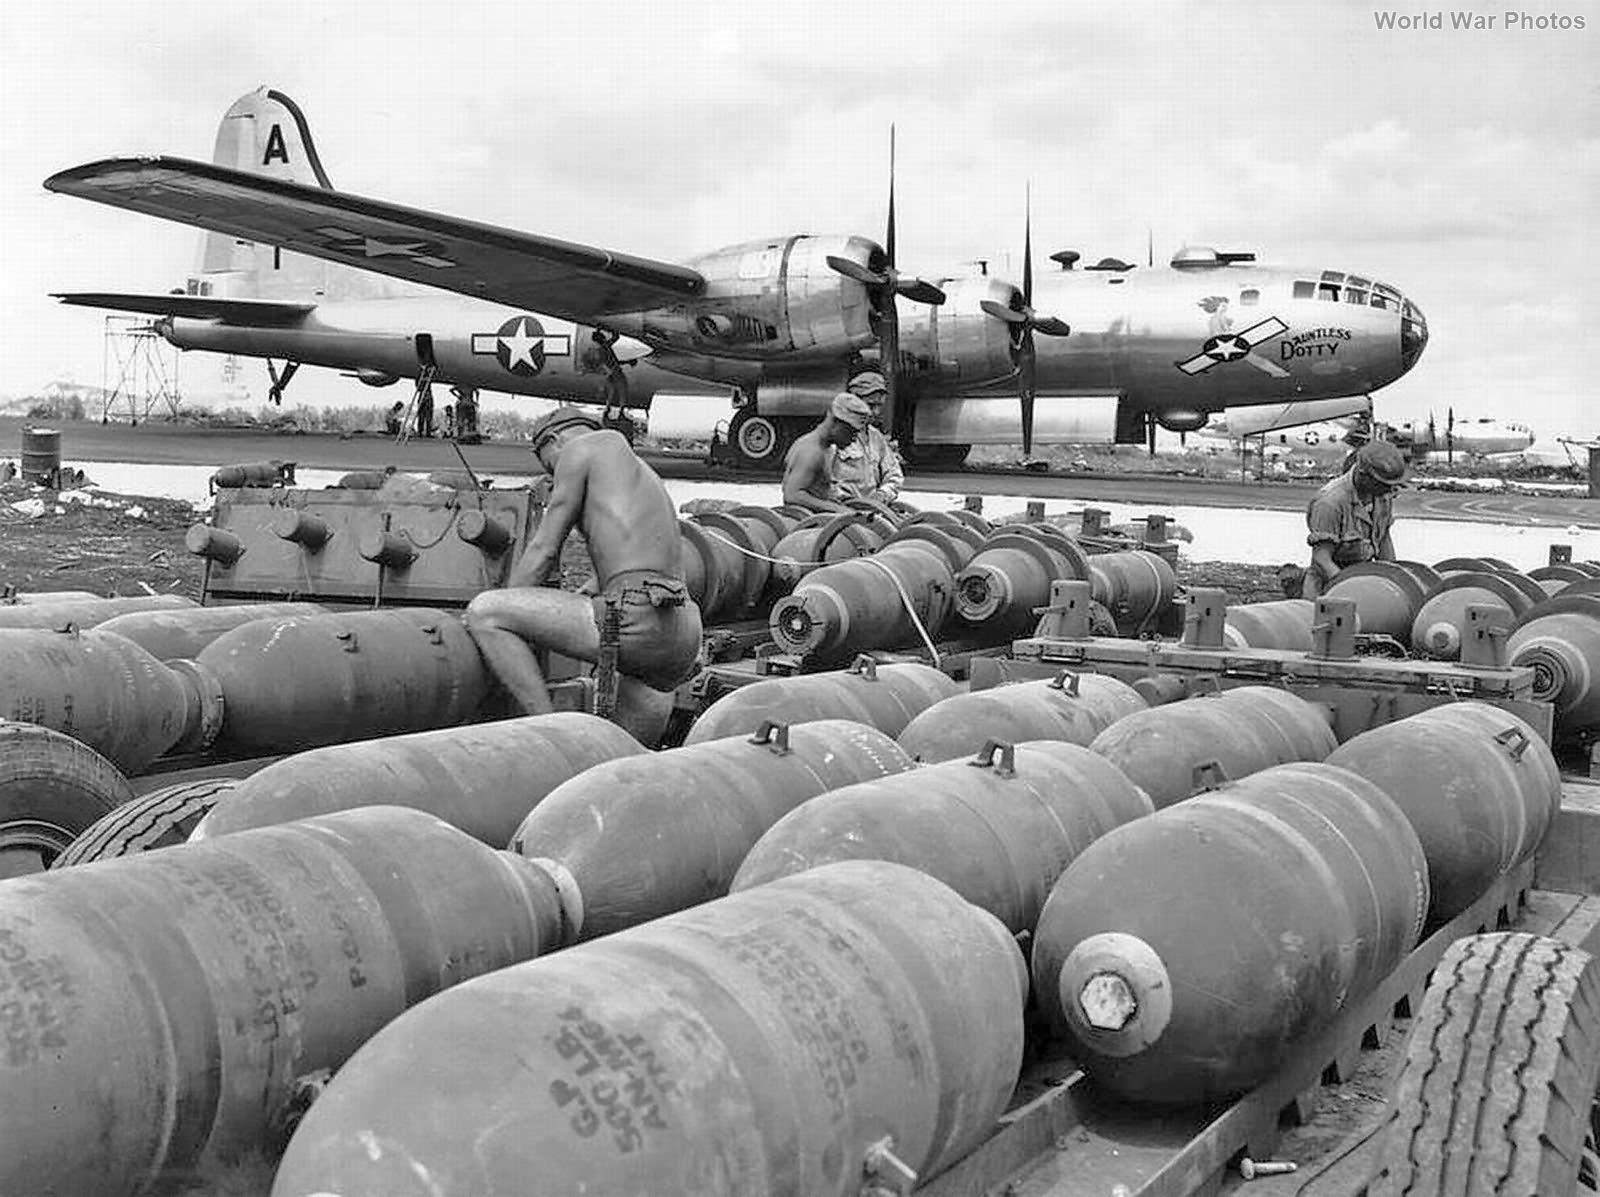 497th BG 869th BS B-29 Dauntless Dotty 42-24592 Saipan